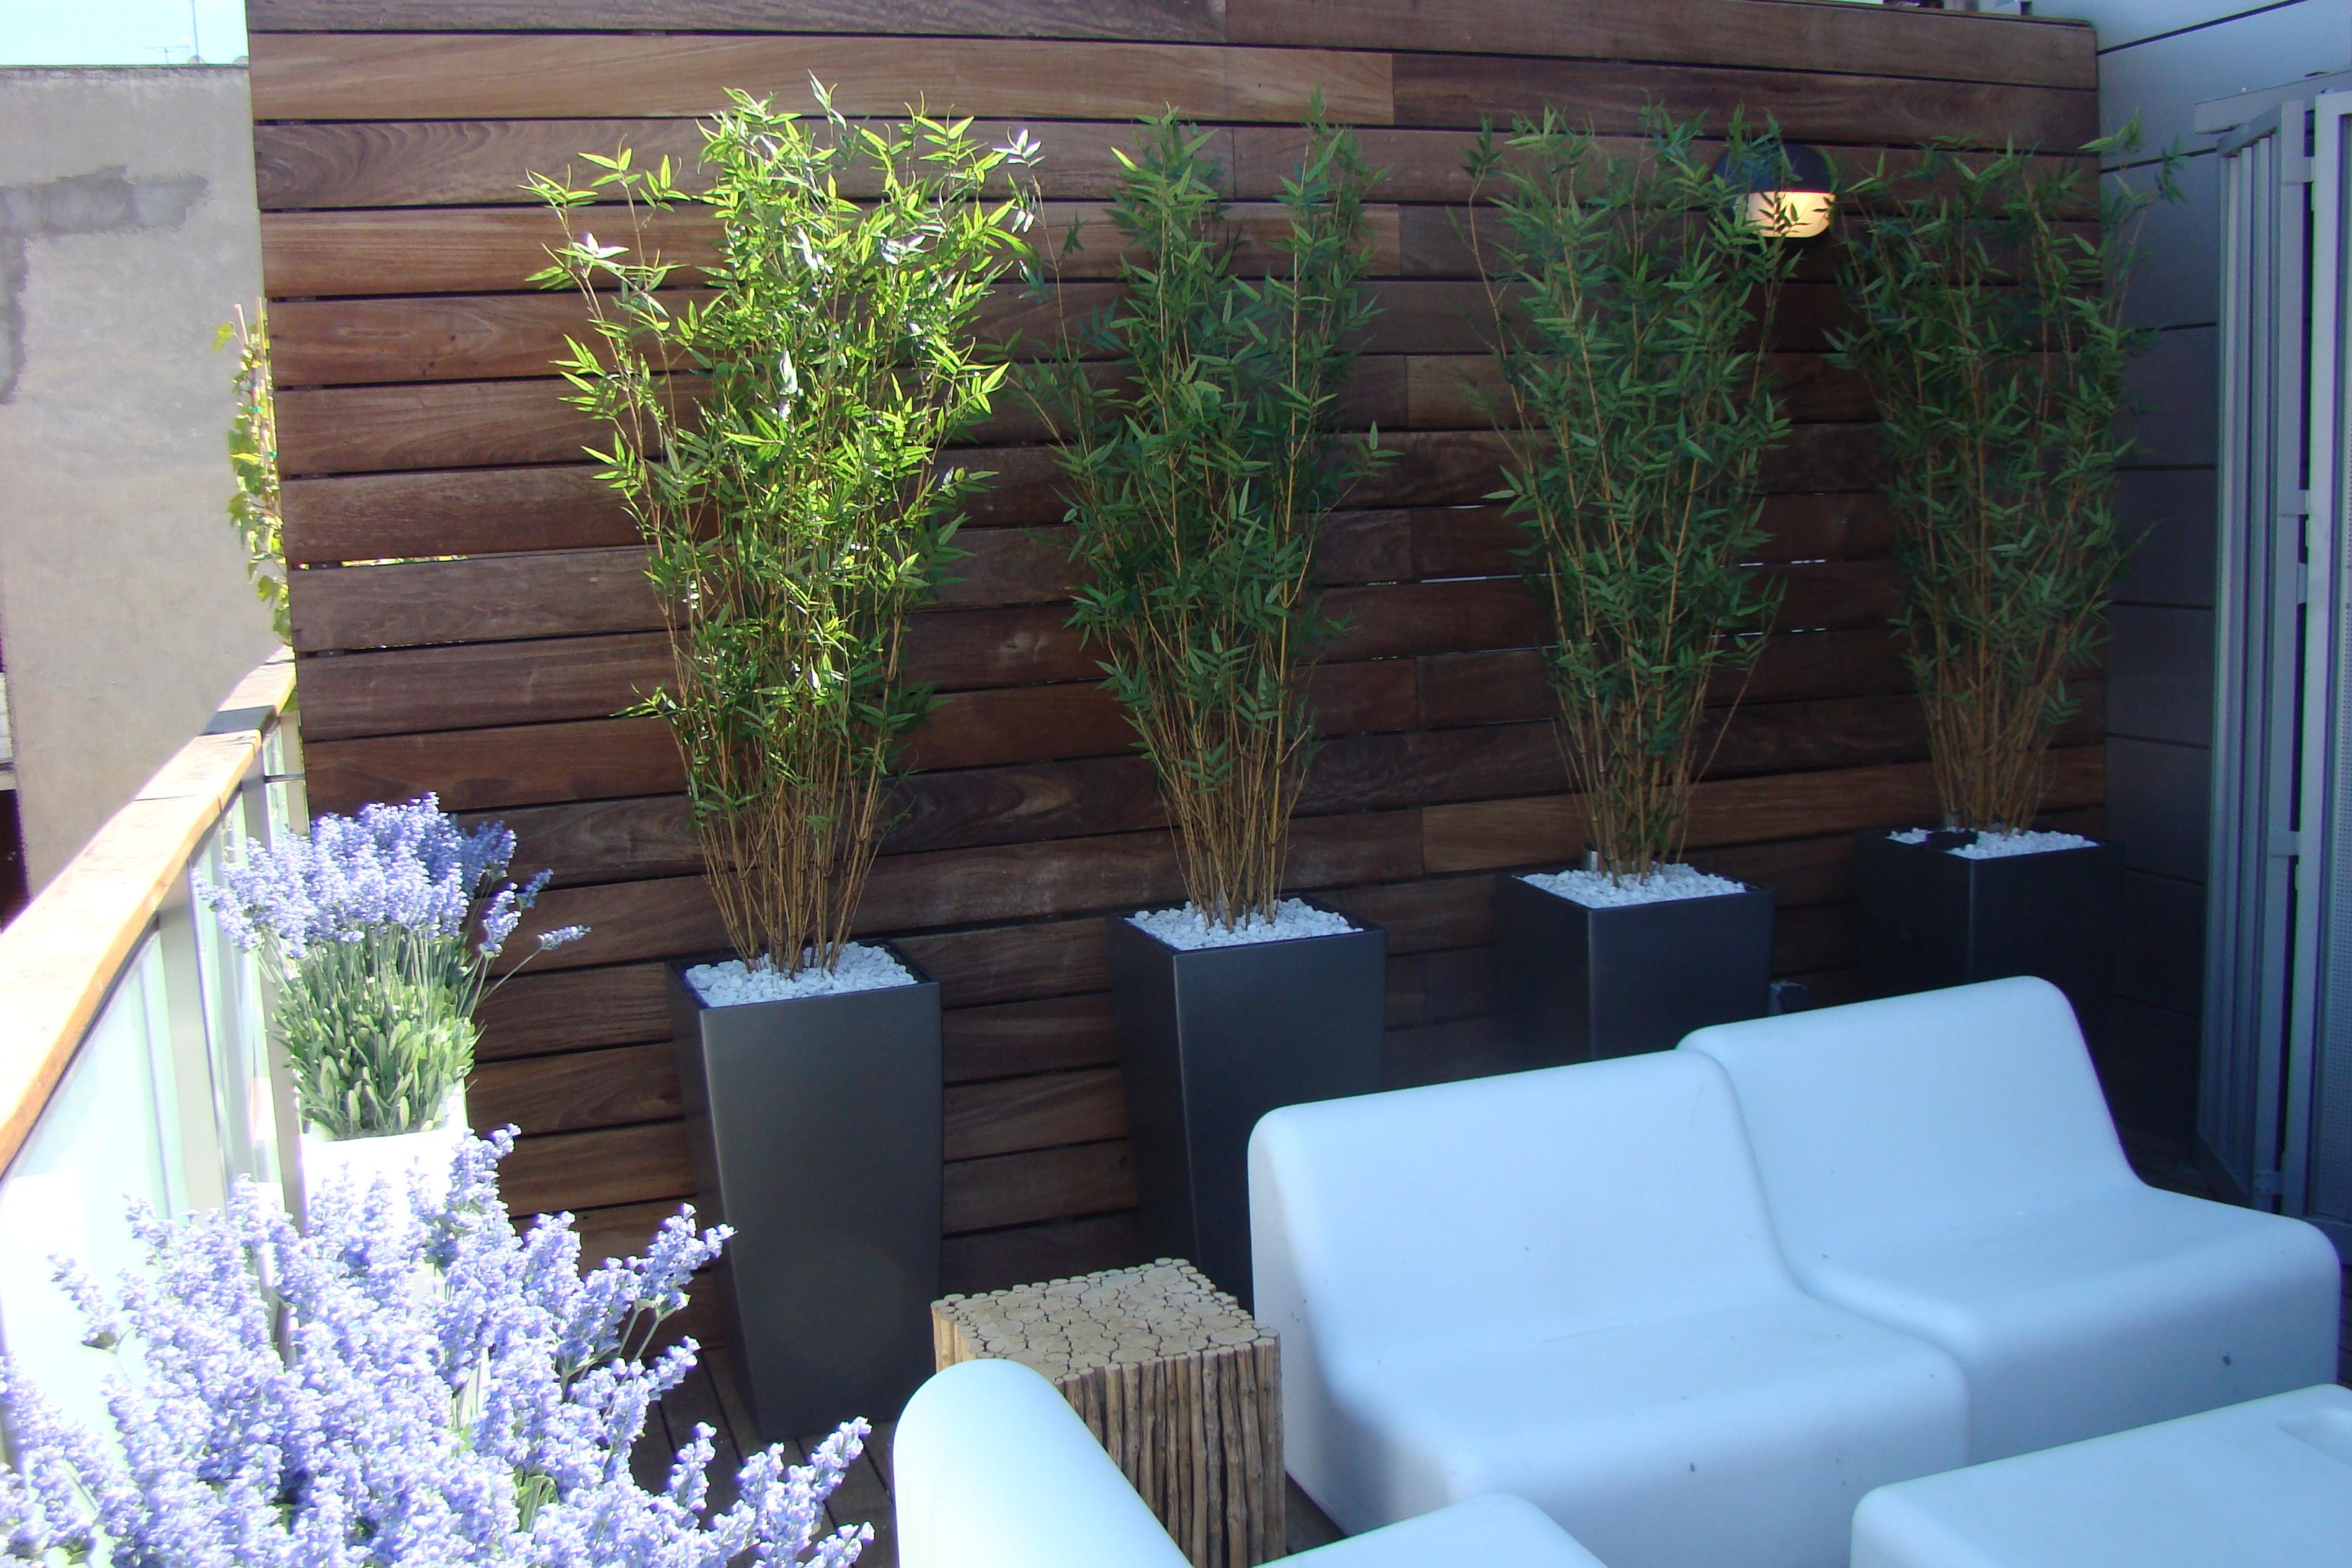 Omb decoraci n jardiner a for Decoracion jardineria